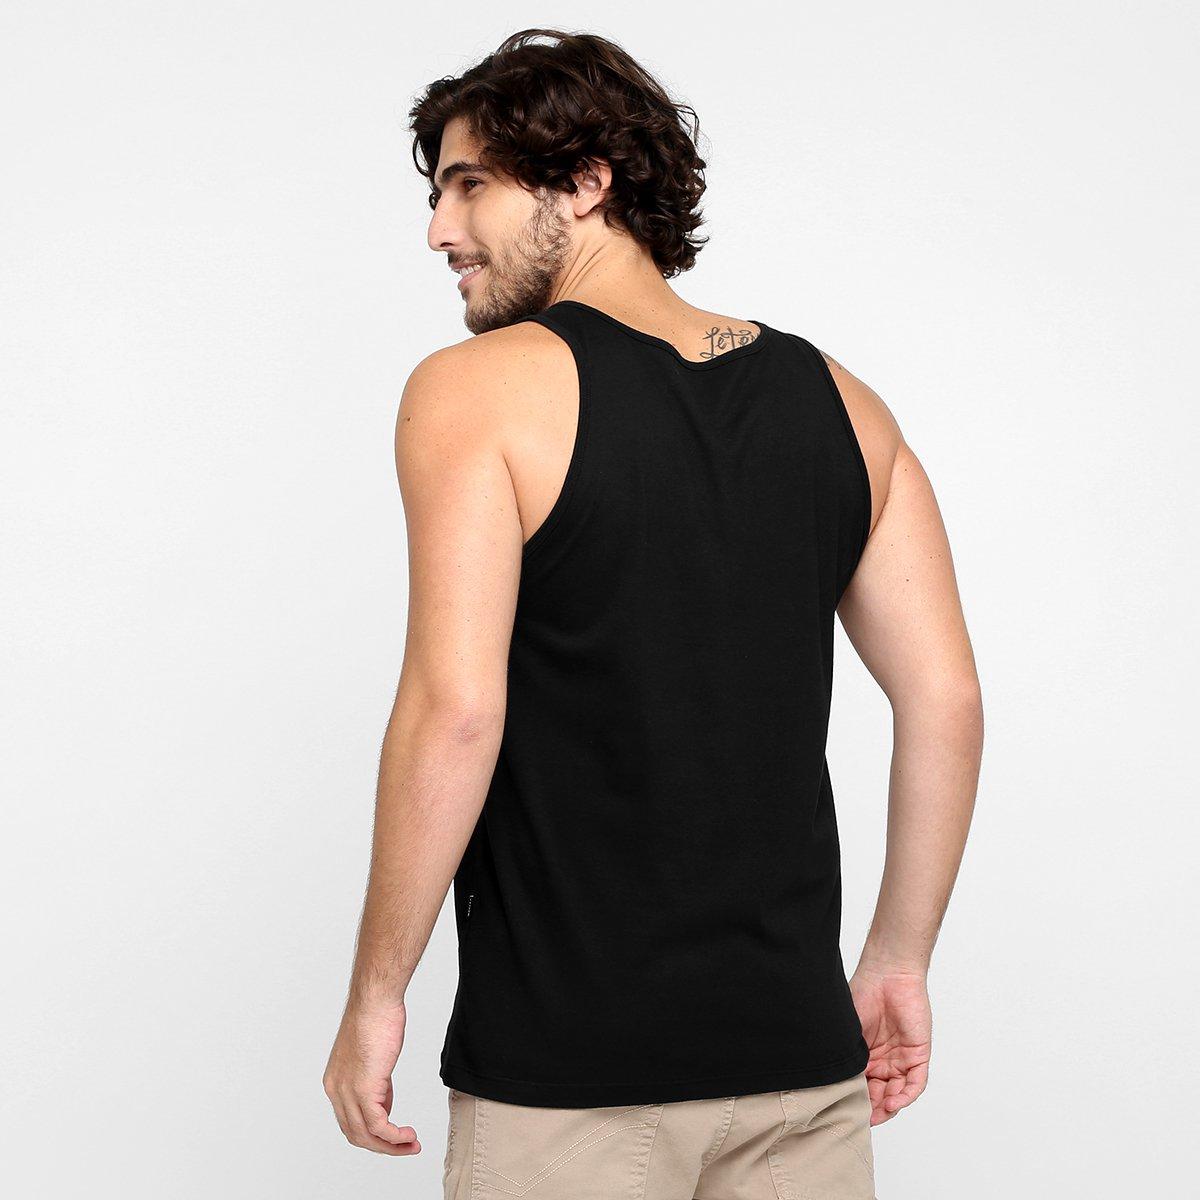 Camiseta Regata Oakley Mod Essential Tank - Compre Agora  e0c04f8c8da